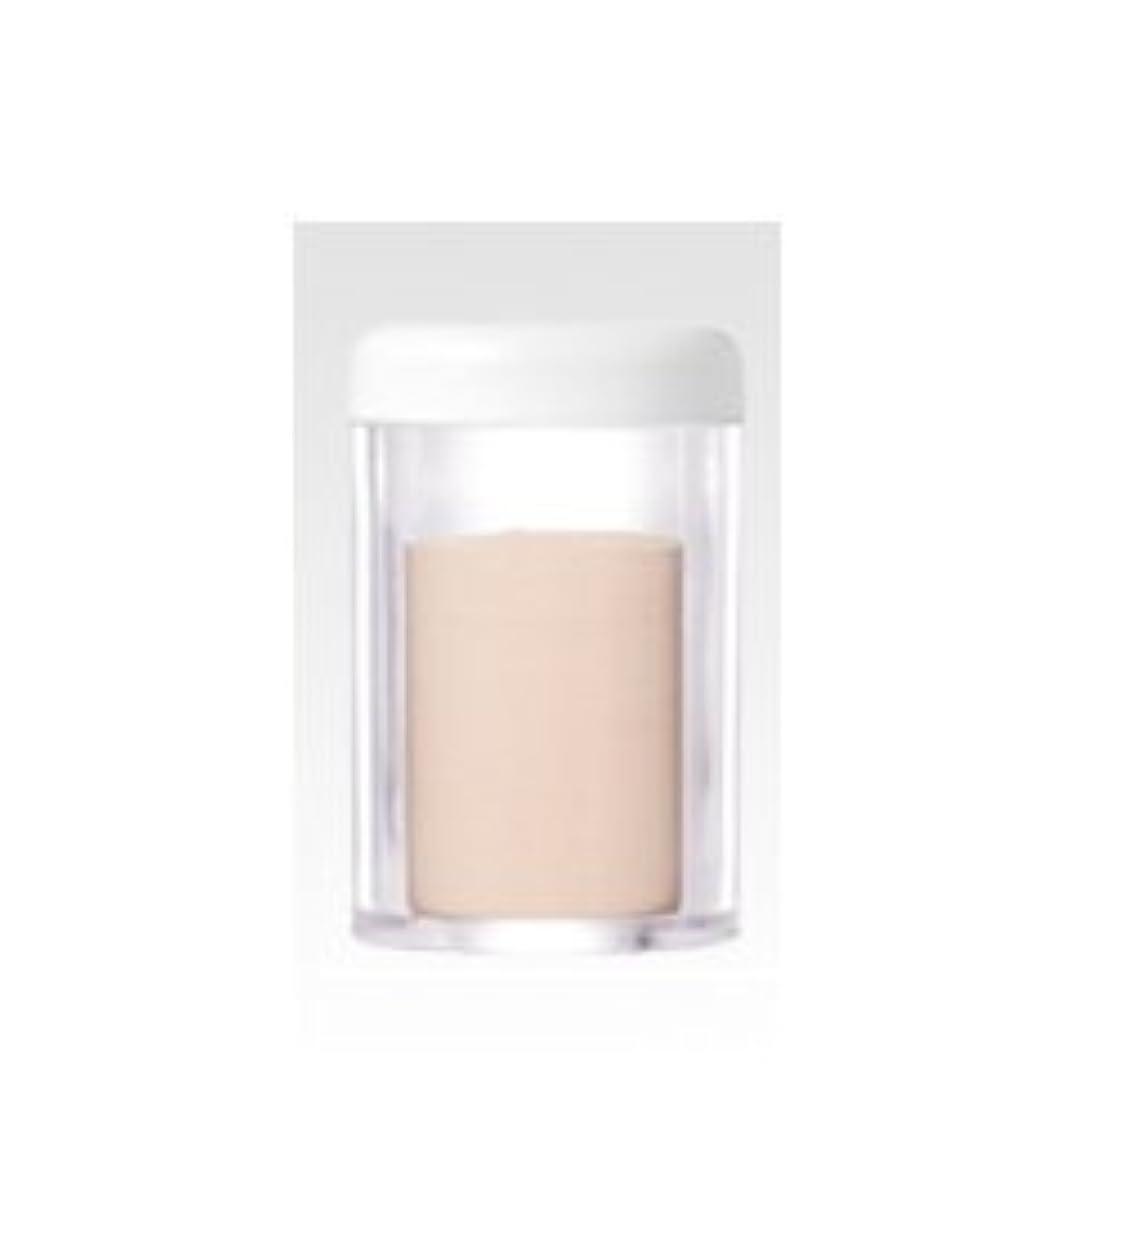 安心割り当てますベールゲマイン UVパウダーリフィル(詰替用) /6g(全2色) SPF50+ / PA+++【ナチュラルライト】